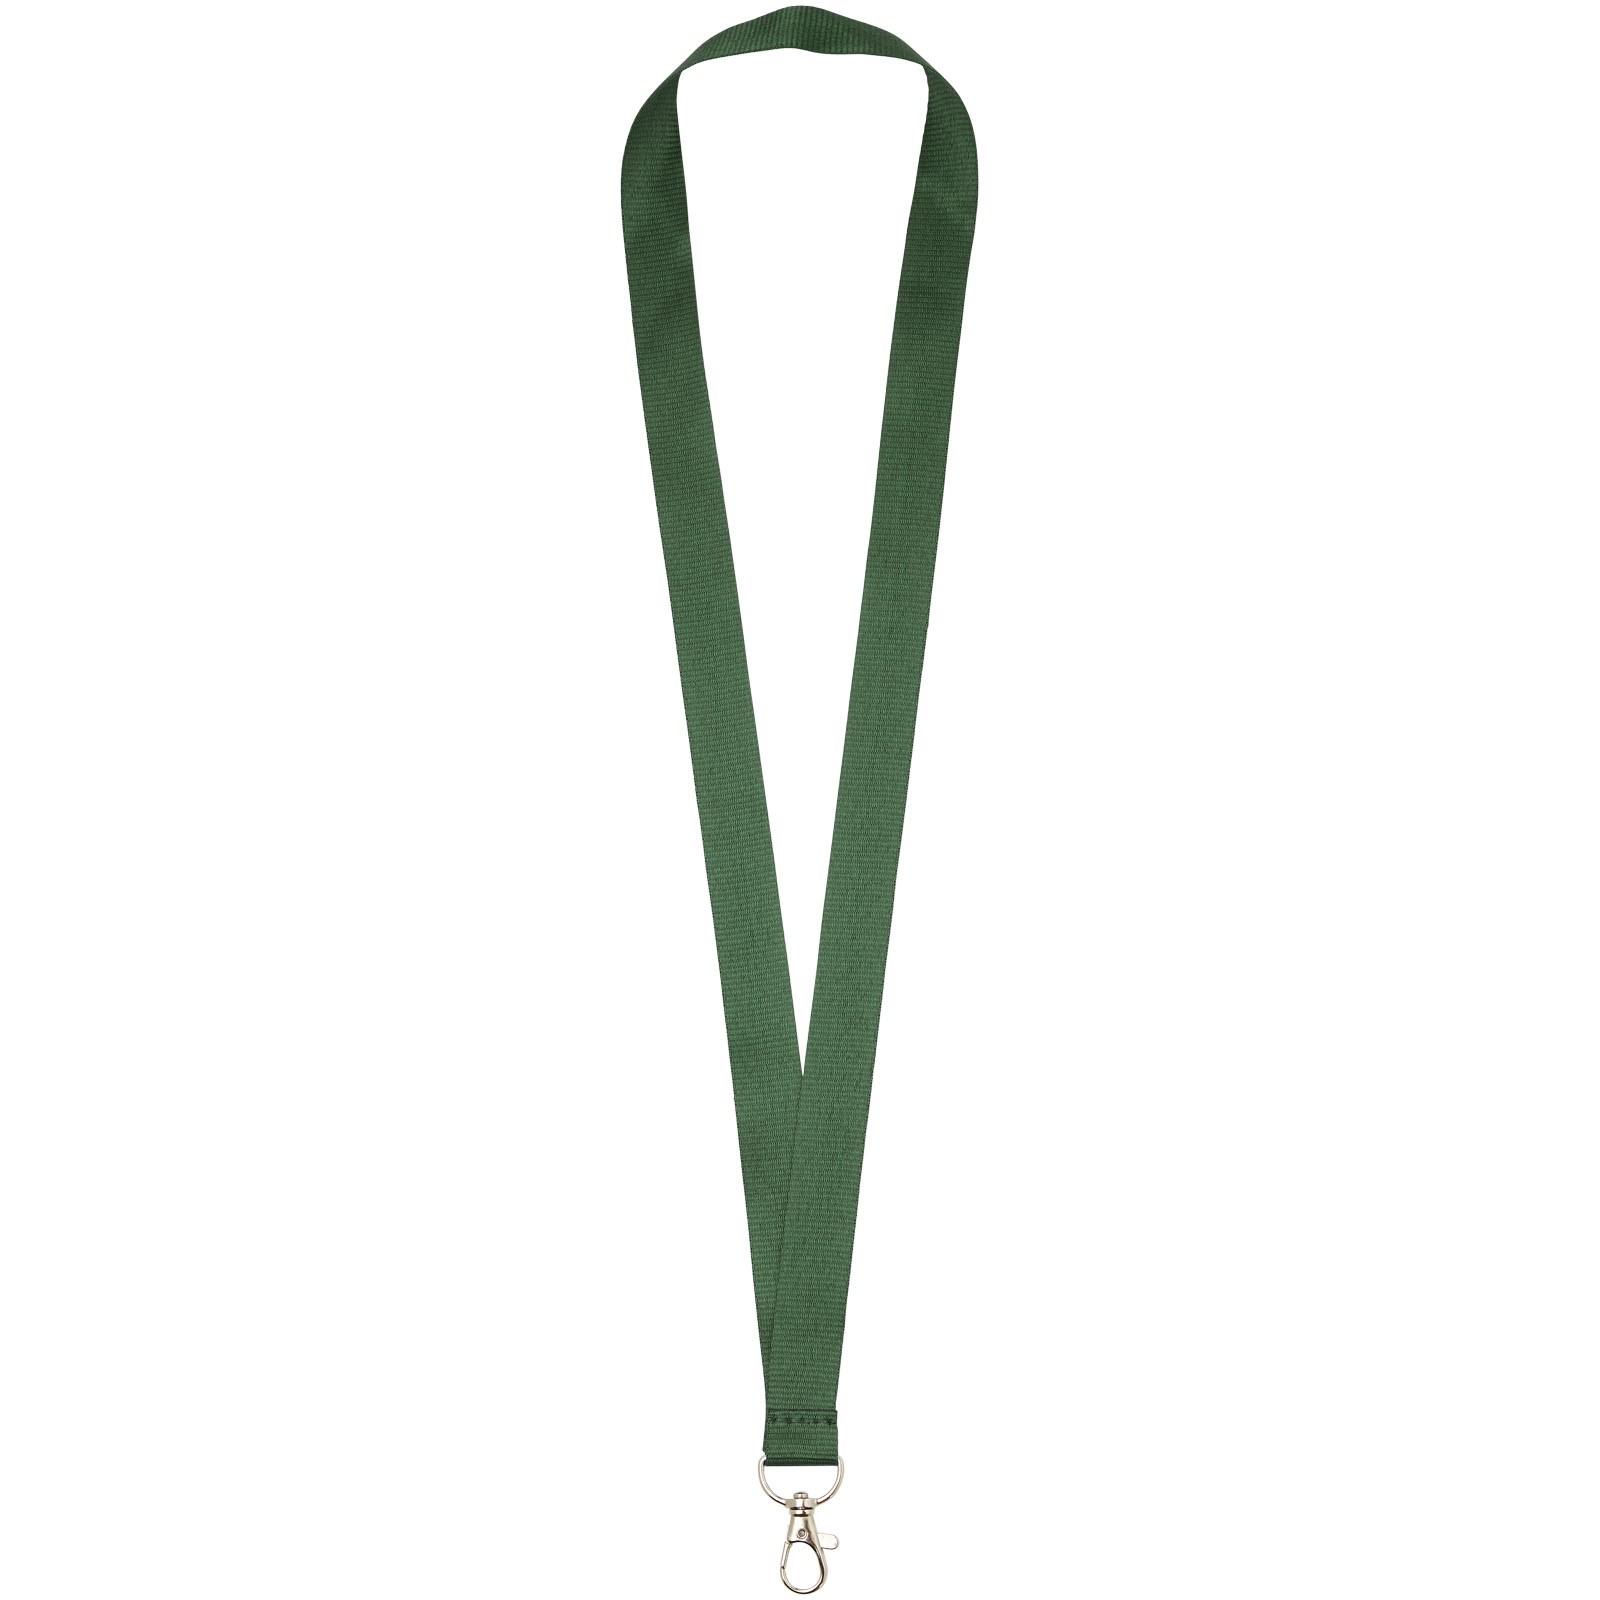 Impey Lanyard mit praktischem Haken - Grün